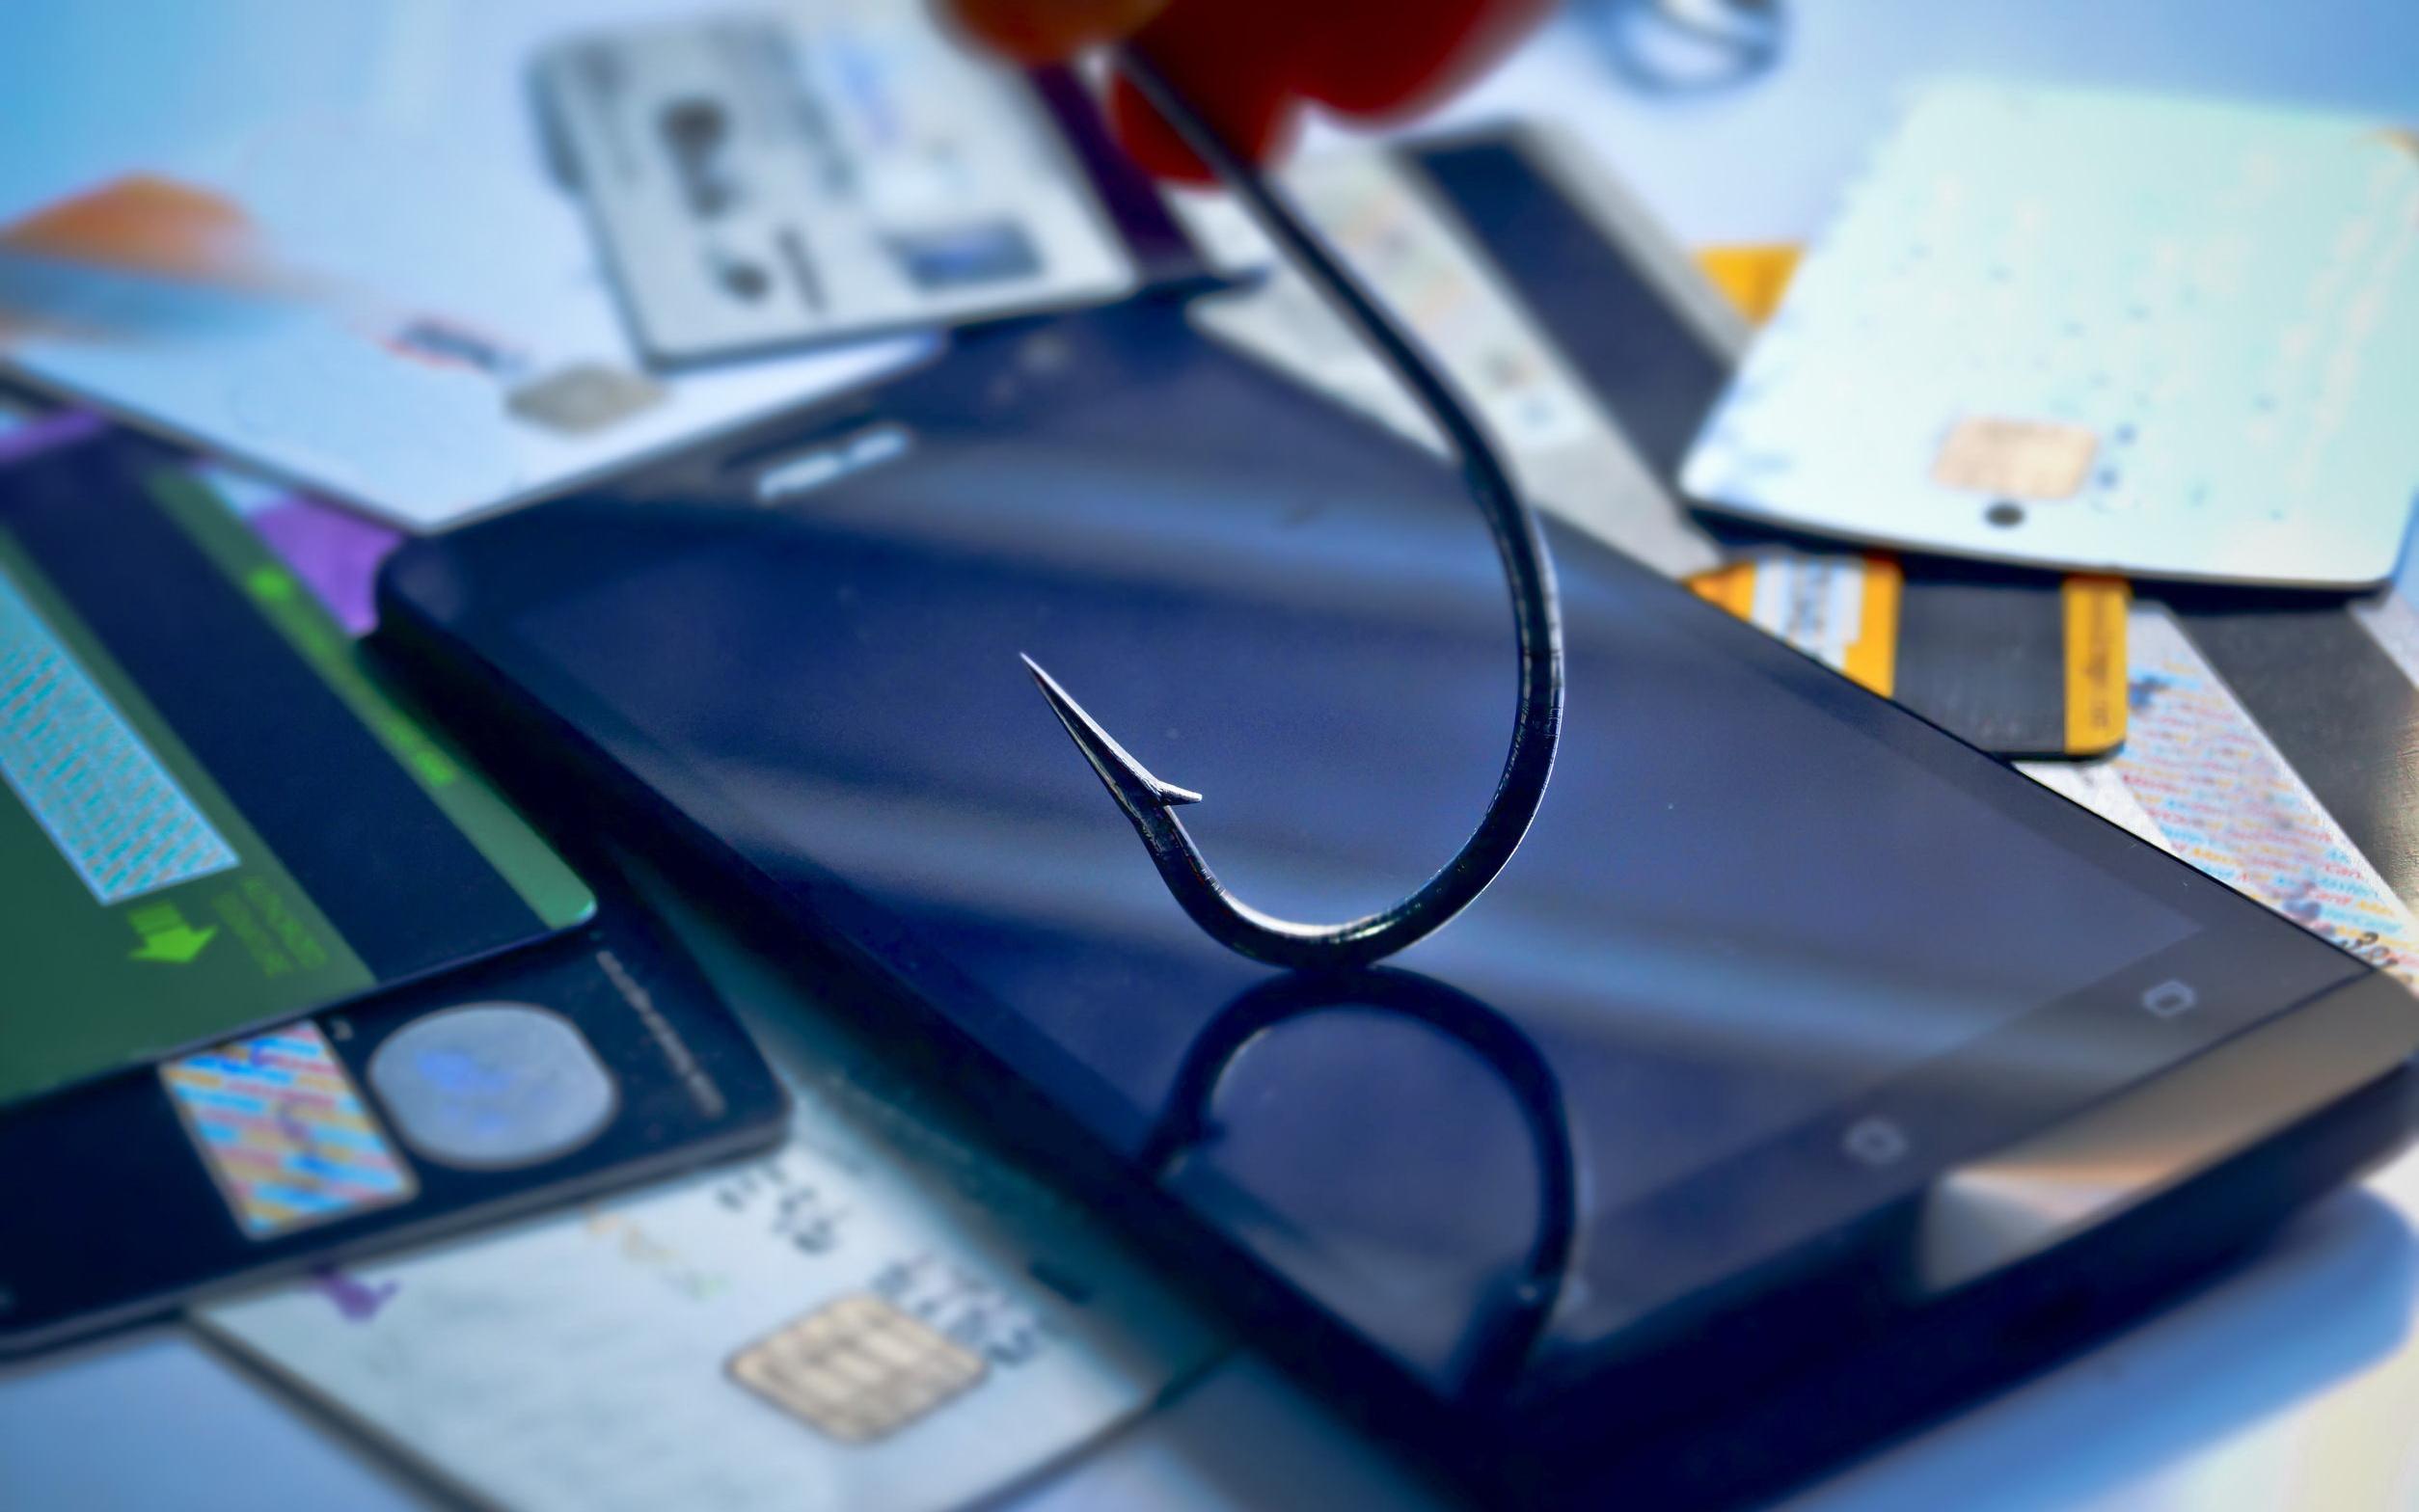 Фарминг и смишинг: начинка у финансового мошенничества одинаковая